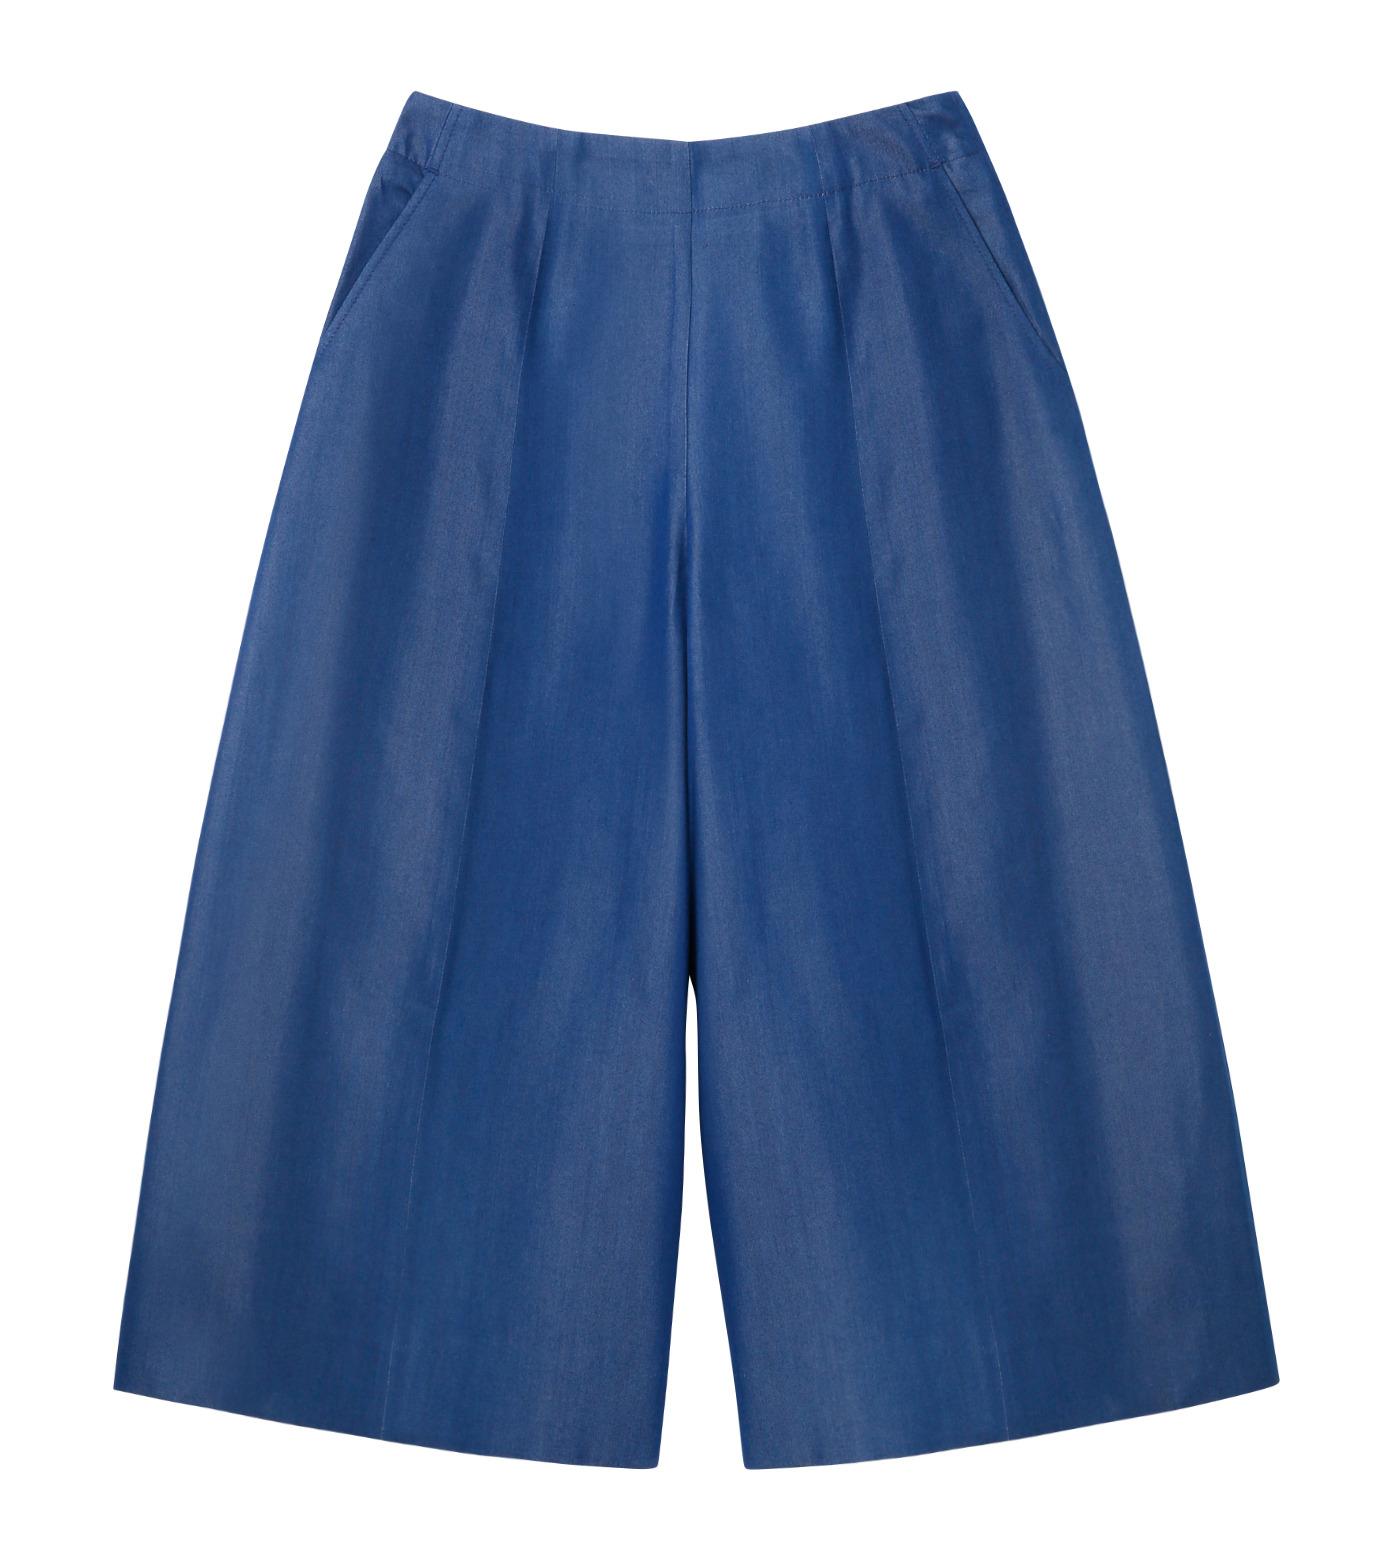 LE CIEL BLEU(ルシェルブルー)のデニムバミューダーパンツ-BLUE(パンツ/pants)-17S68027 拡大詳細画像1